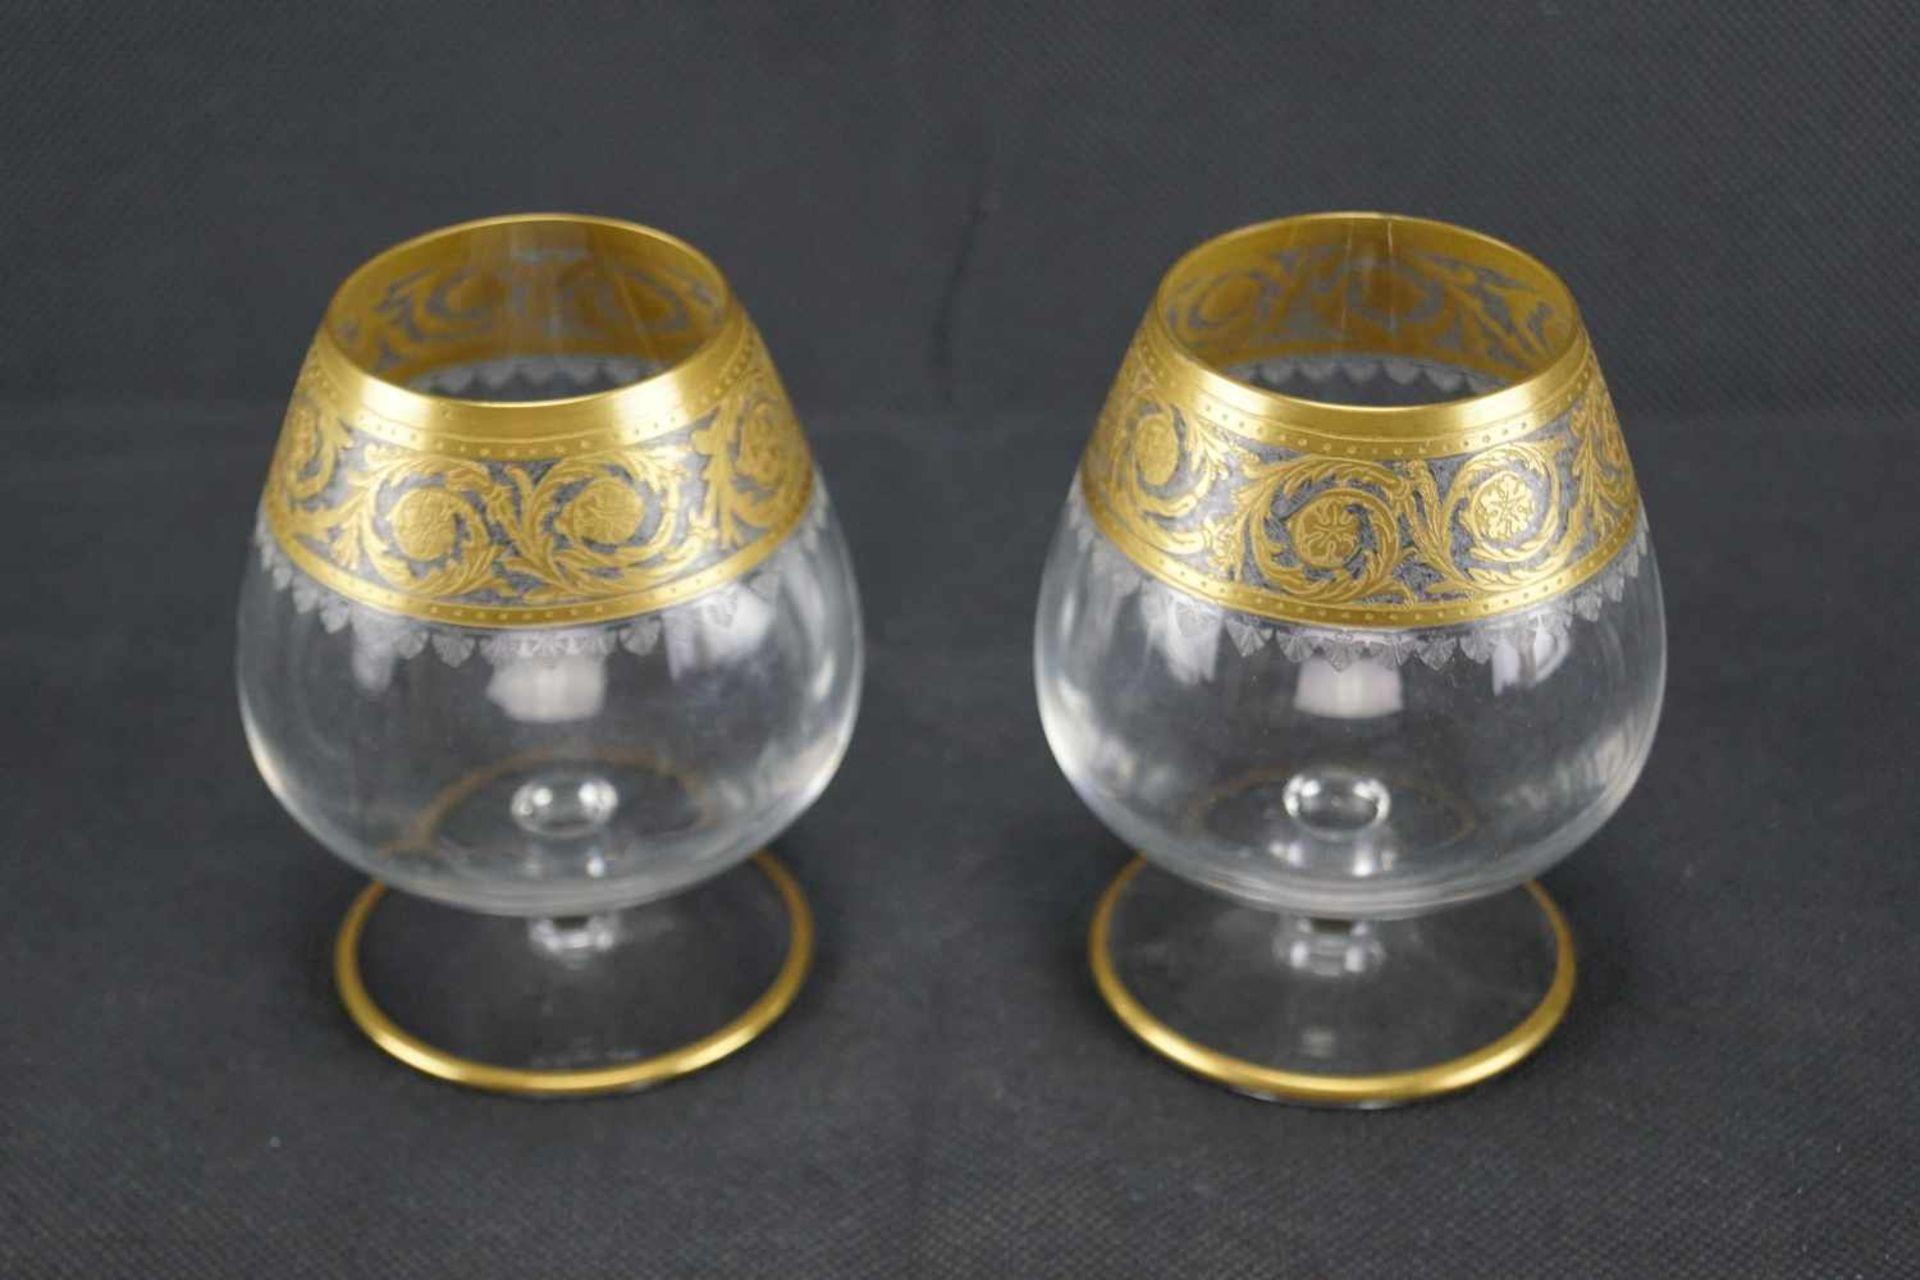 Zwei Tasting Gläser, Saint LouisMit Ätzmarke versehen, Serie Thistle Gold, Höhe 10 cm, in einem